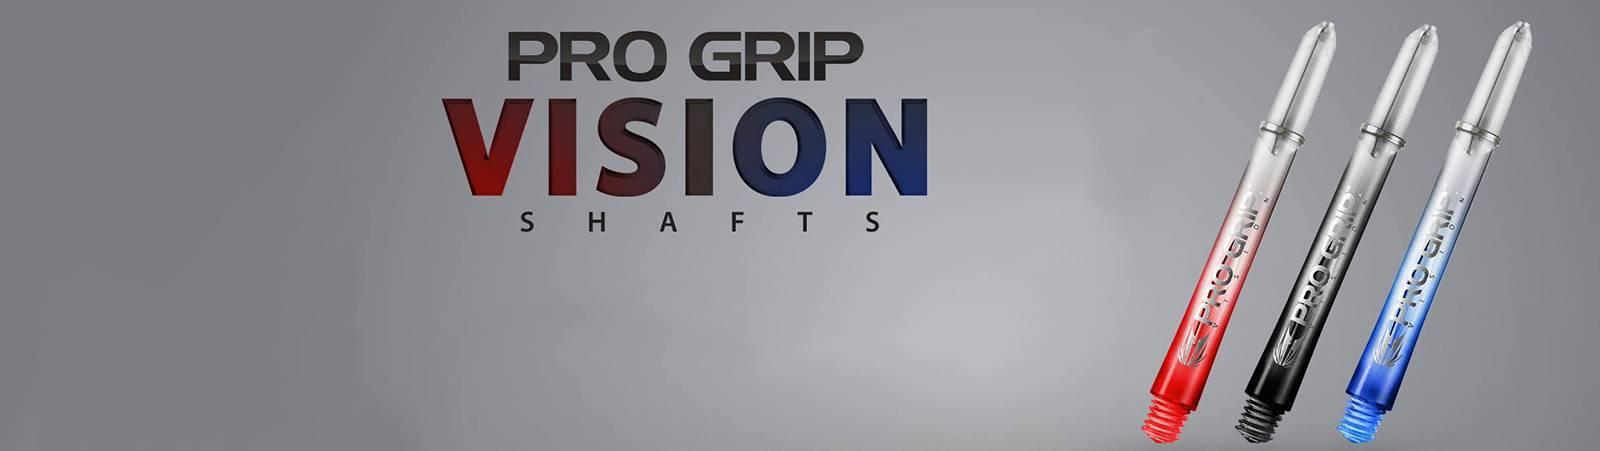 Target Pro Grip Vision Shafts